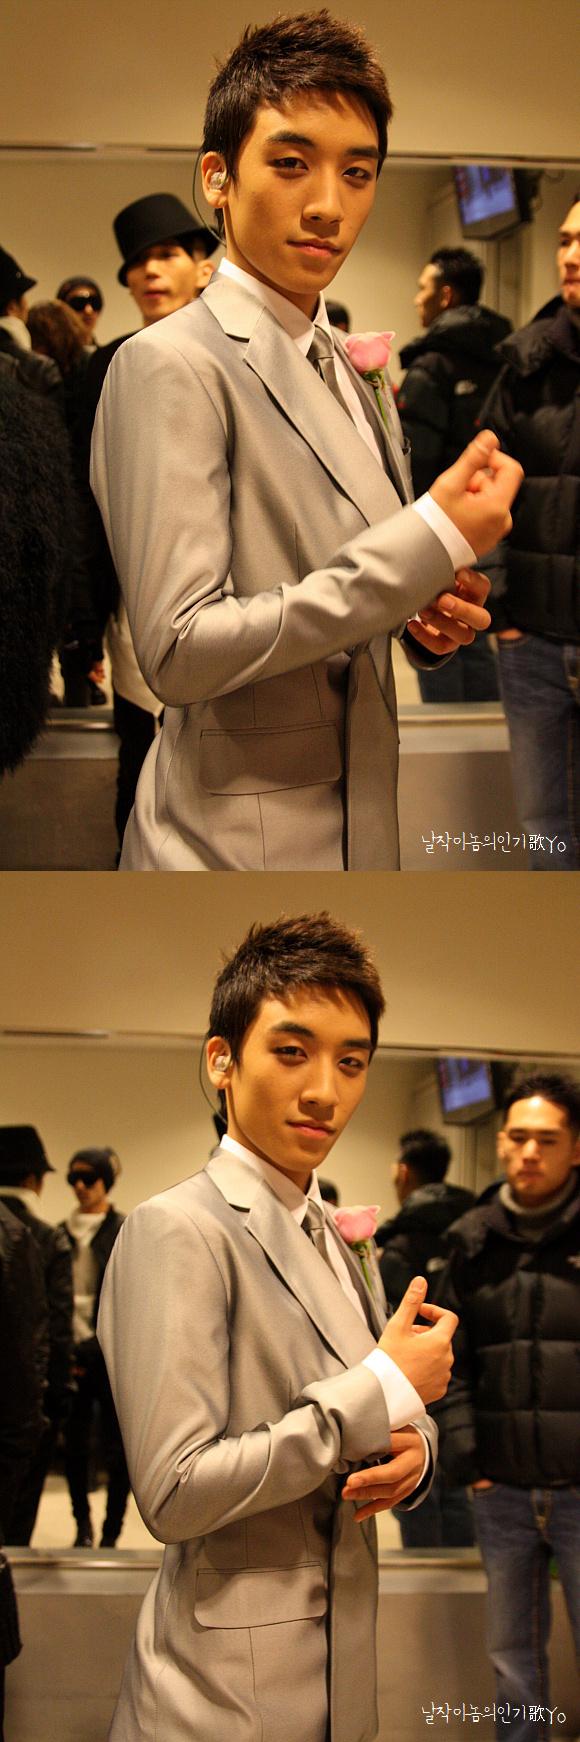 SV 20090111 in SBS inkigayo 02